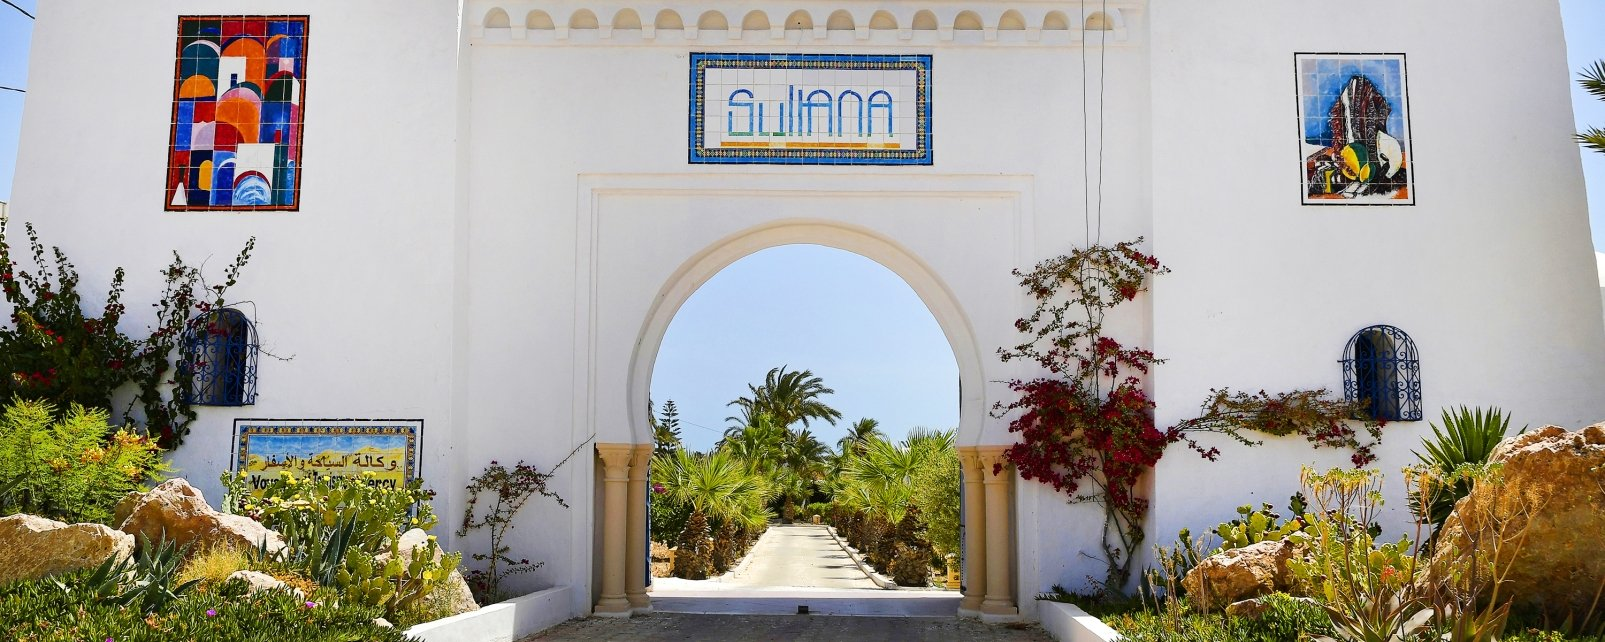 Hotel Résidence Sultana